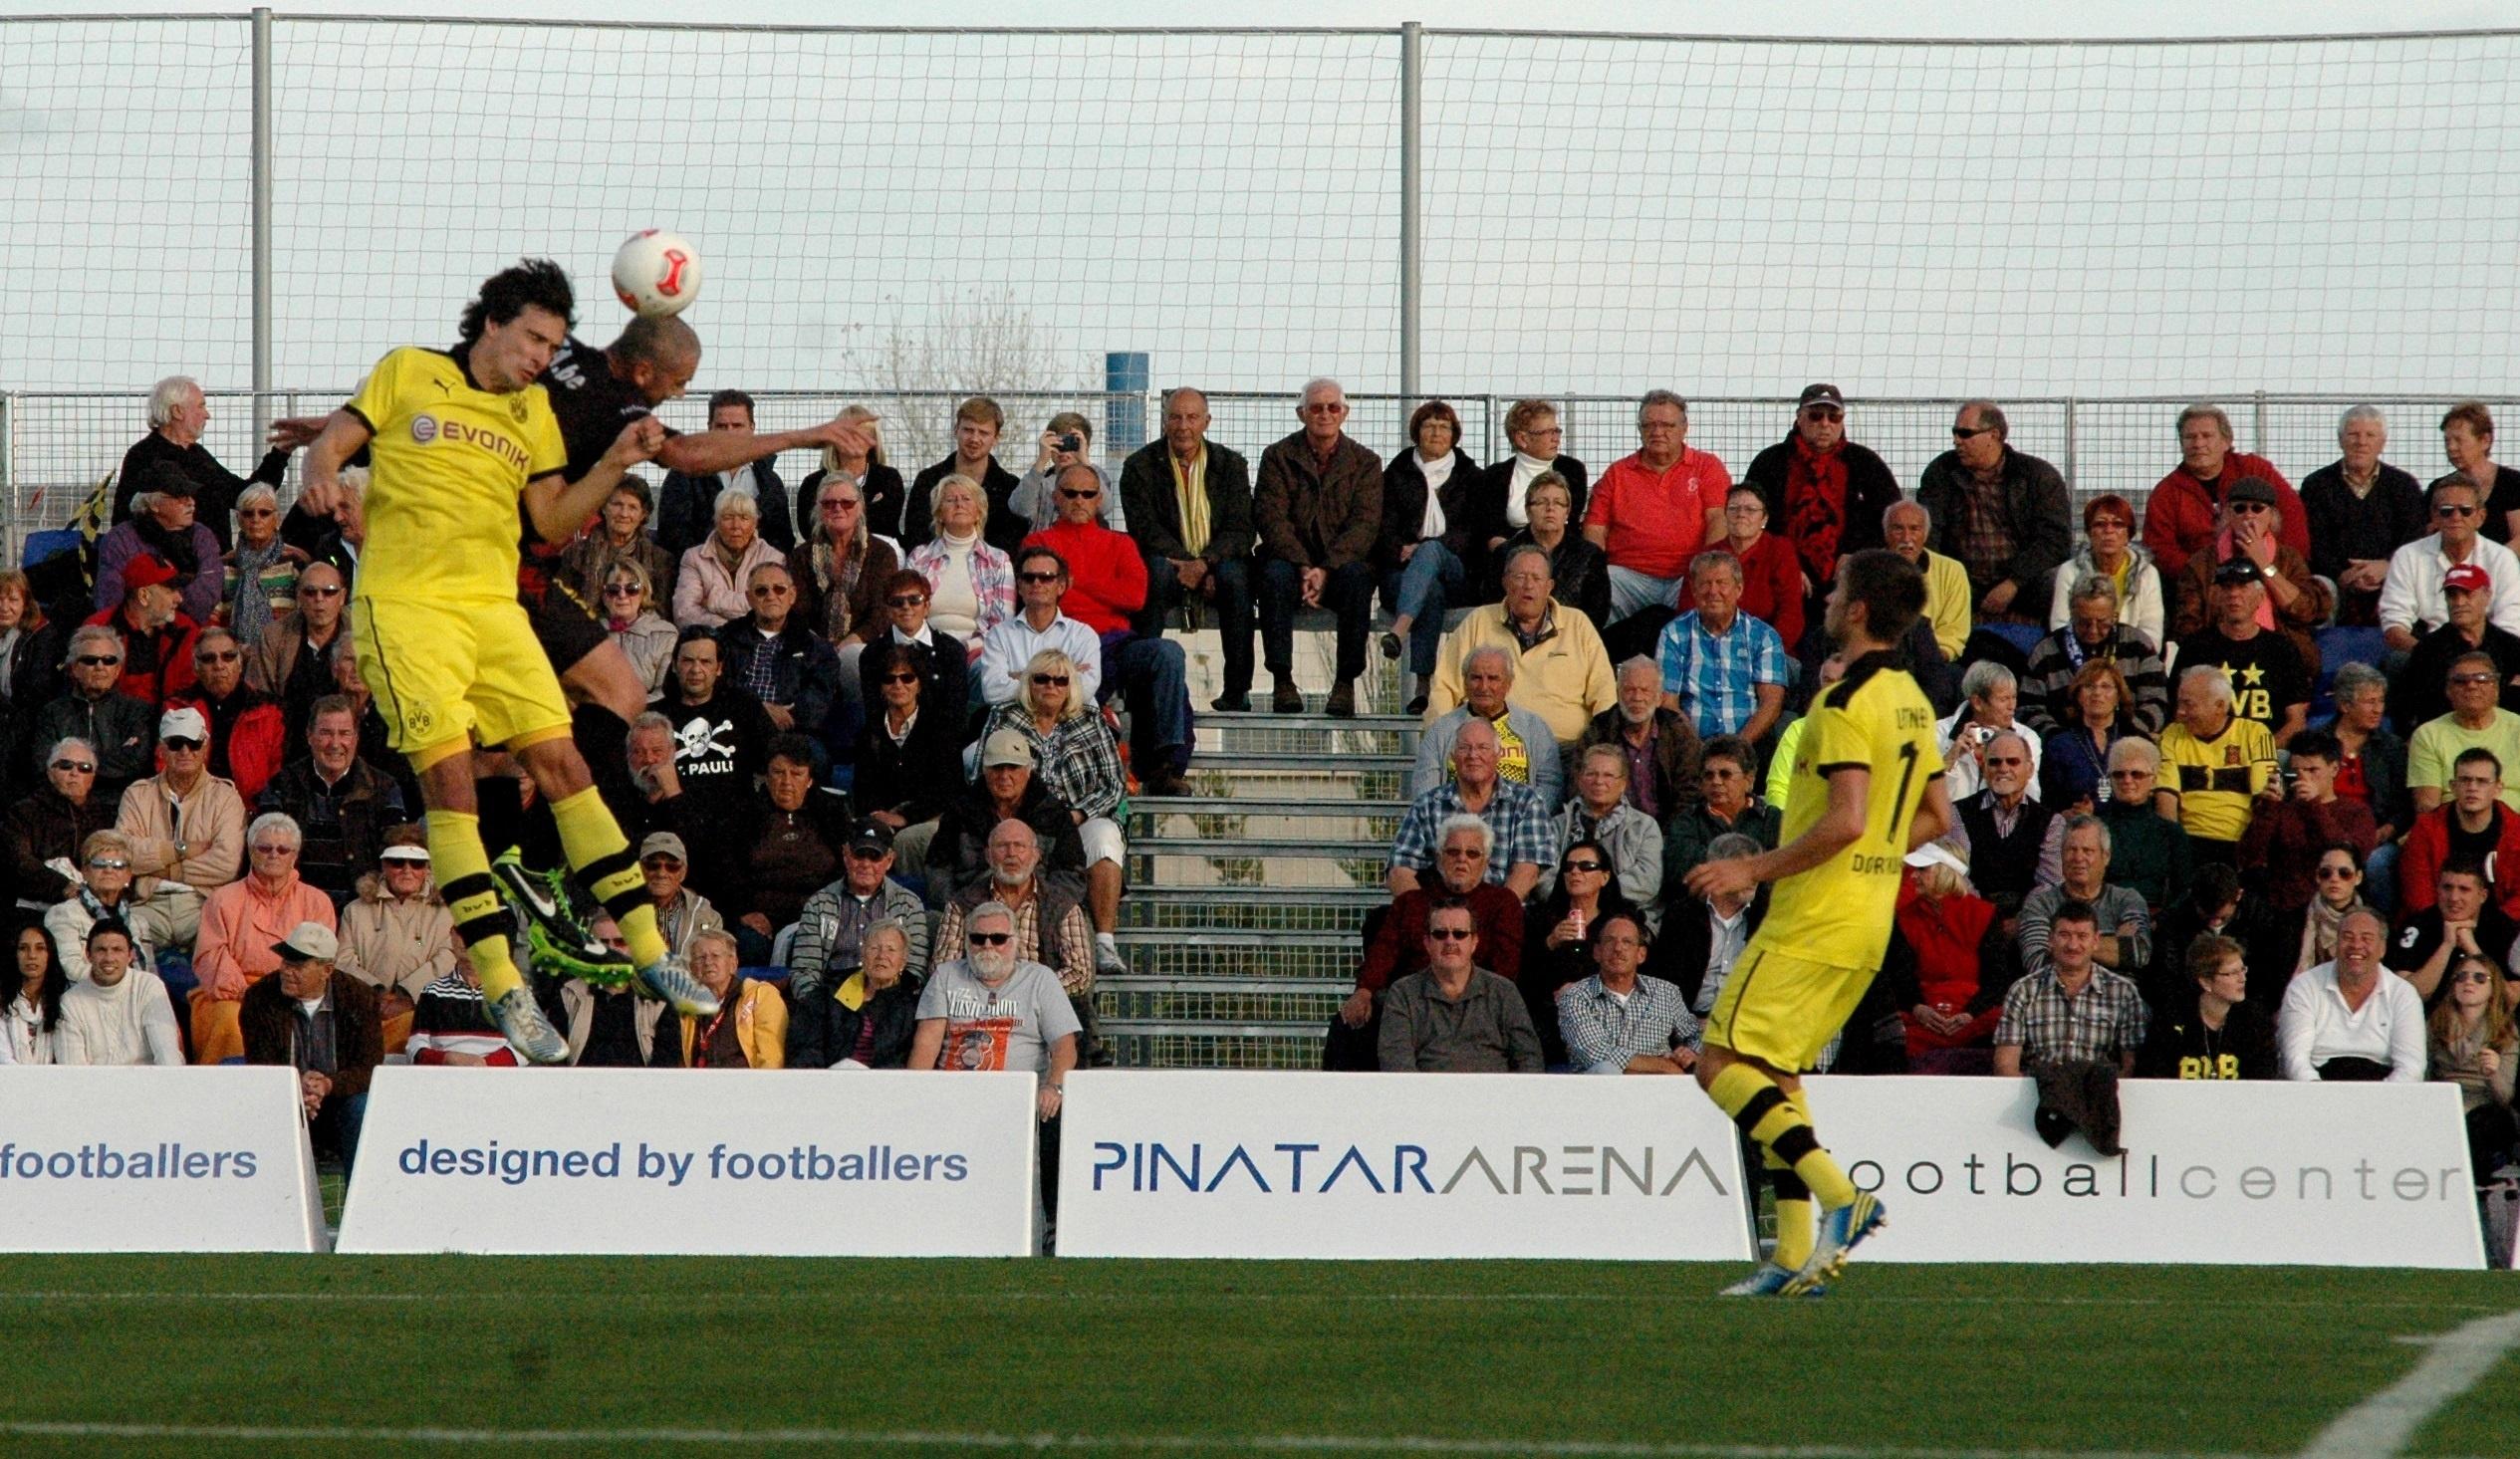 Dortmund, Hoffenheim, Bochum y Rostock se concentrarán en Pinatar Arena